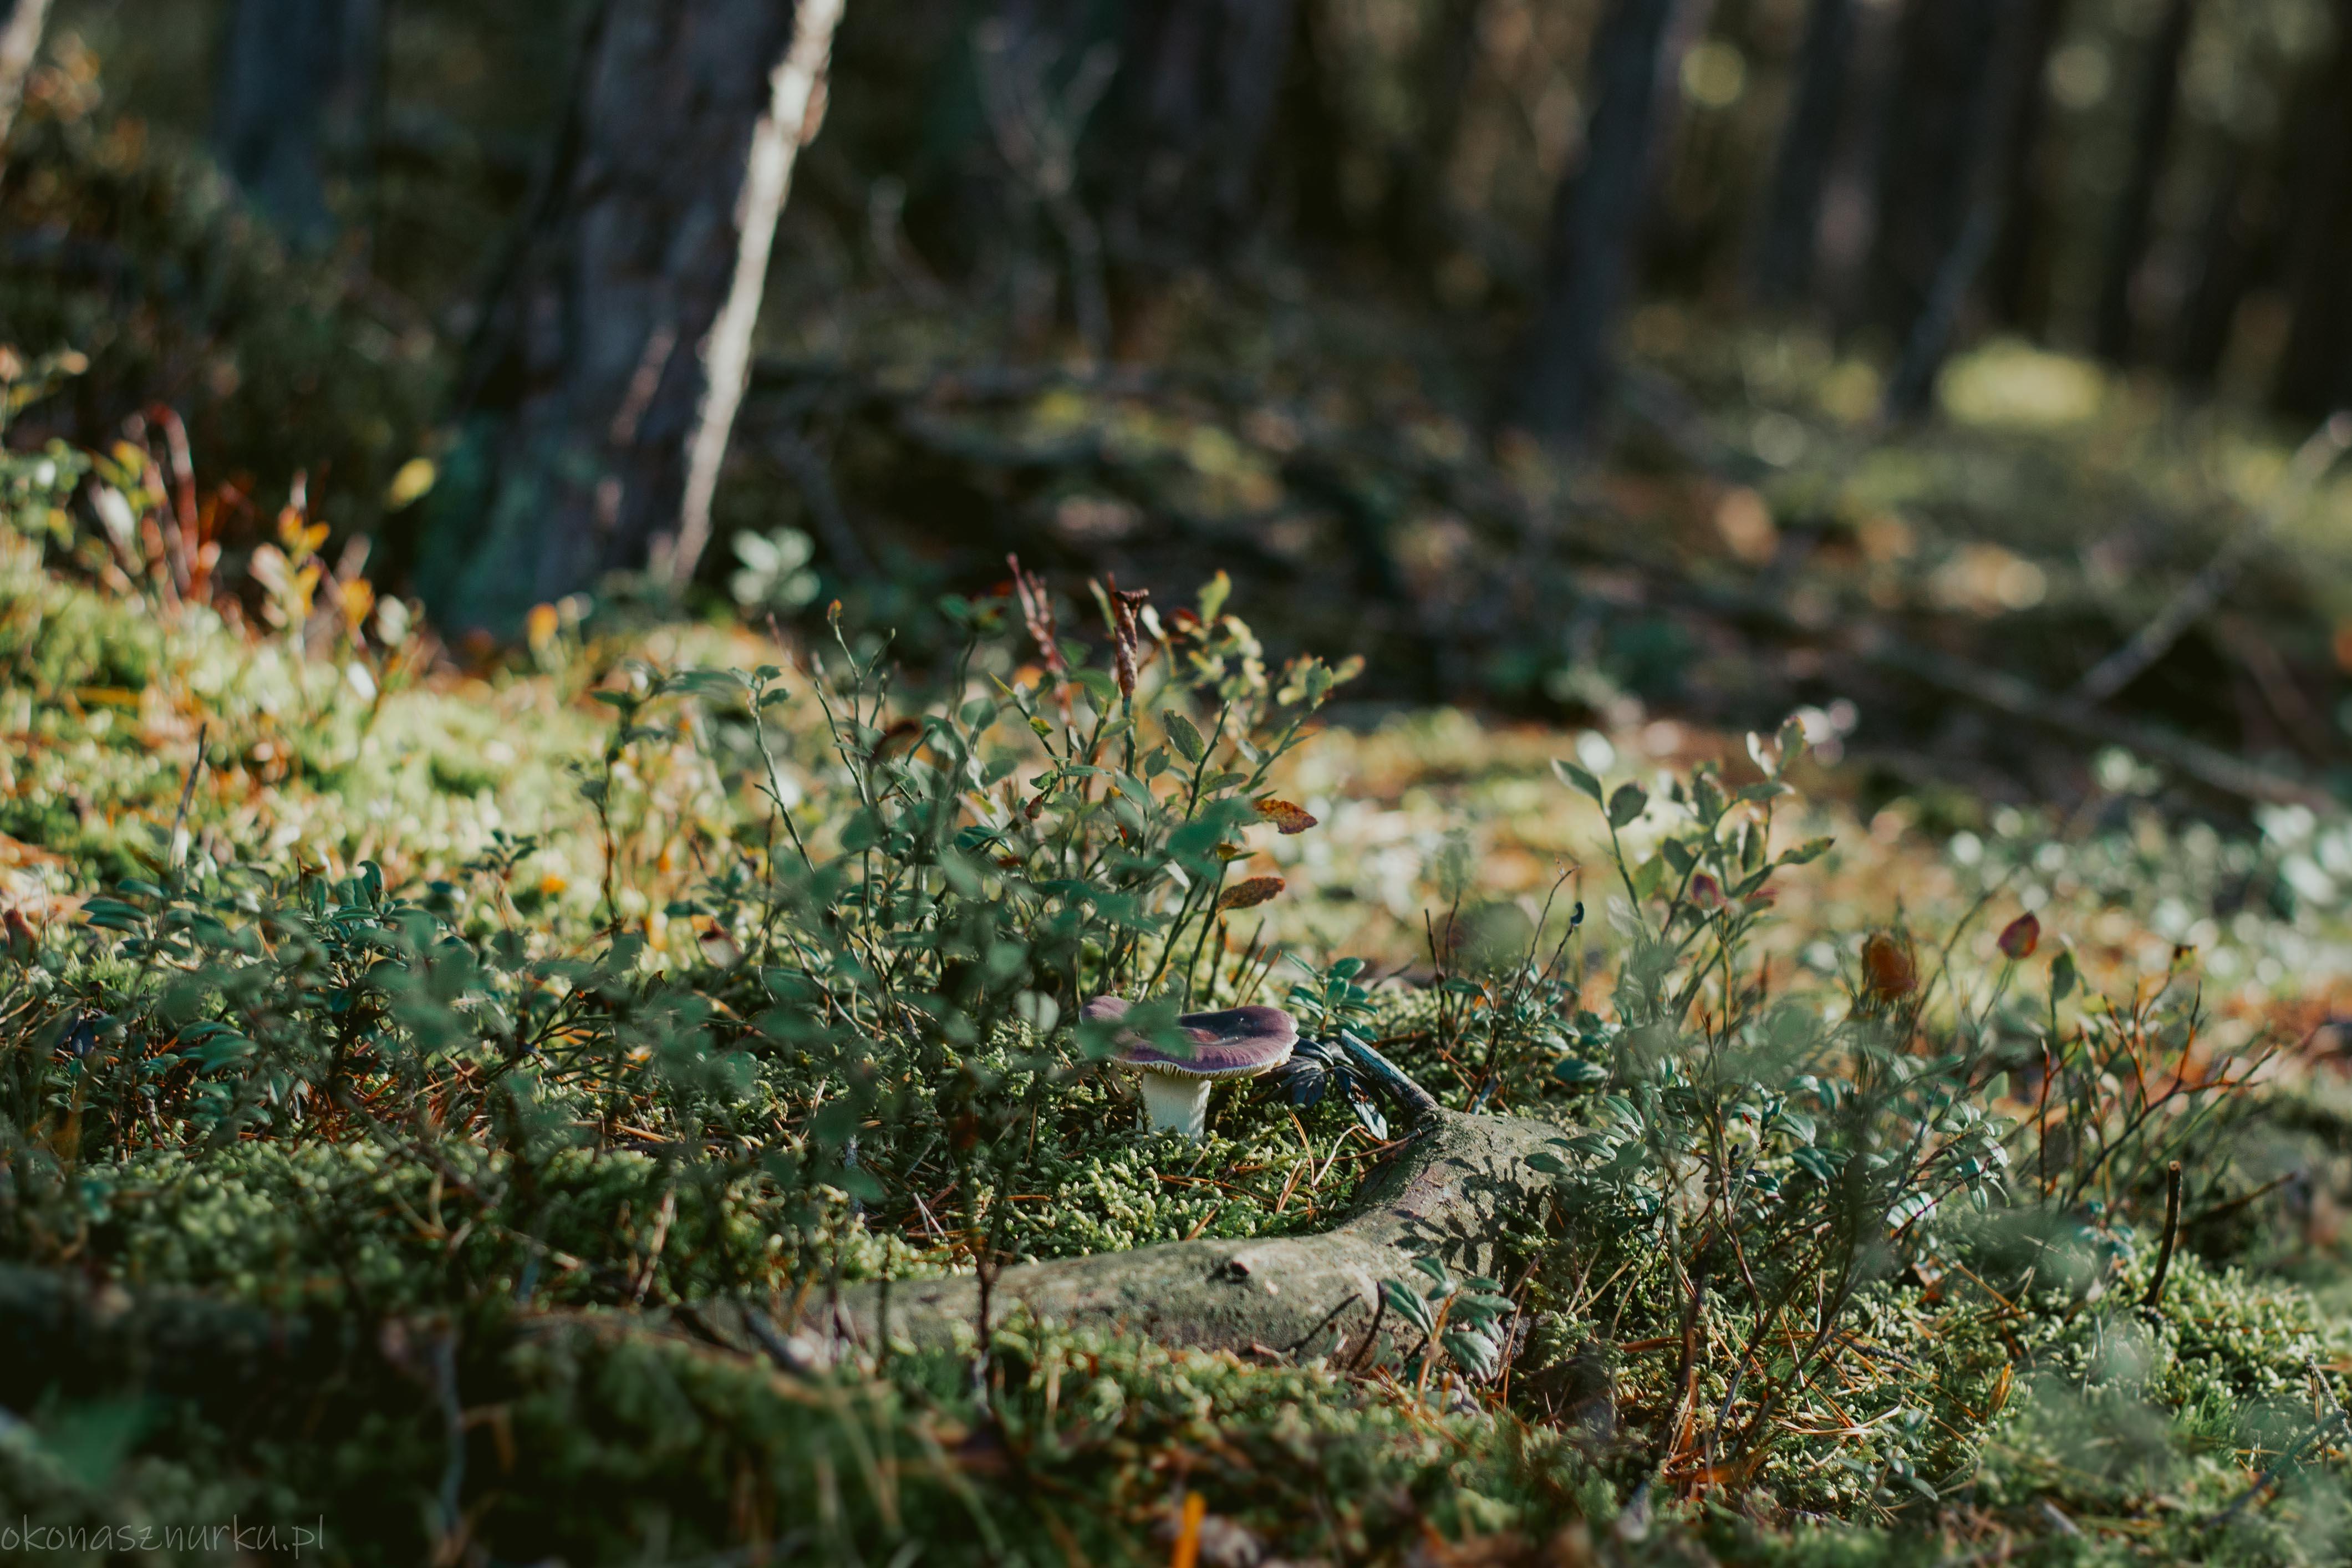 grzybobranie-okonasznurku (36)